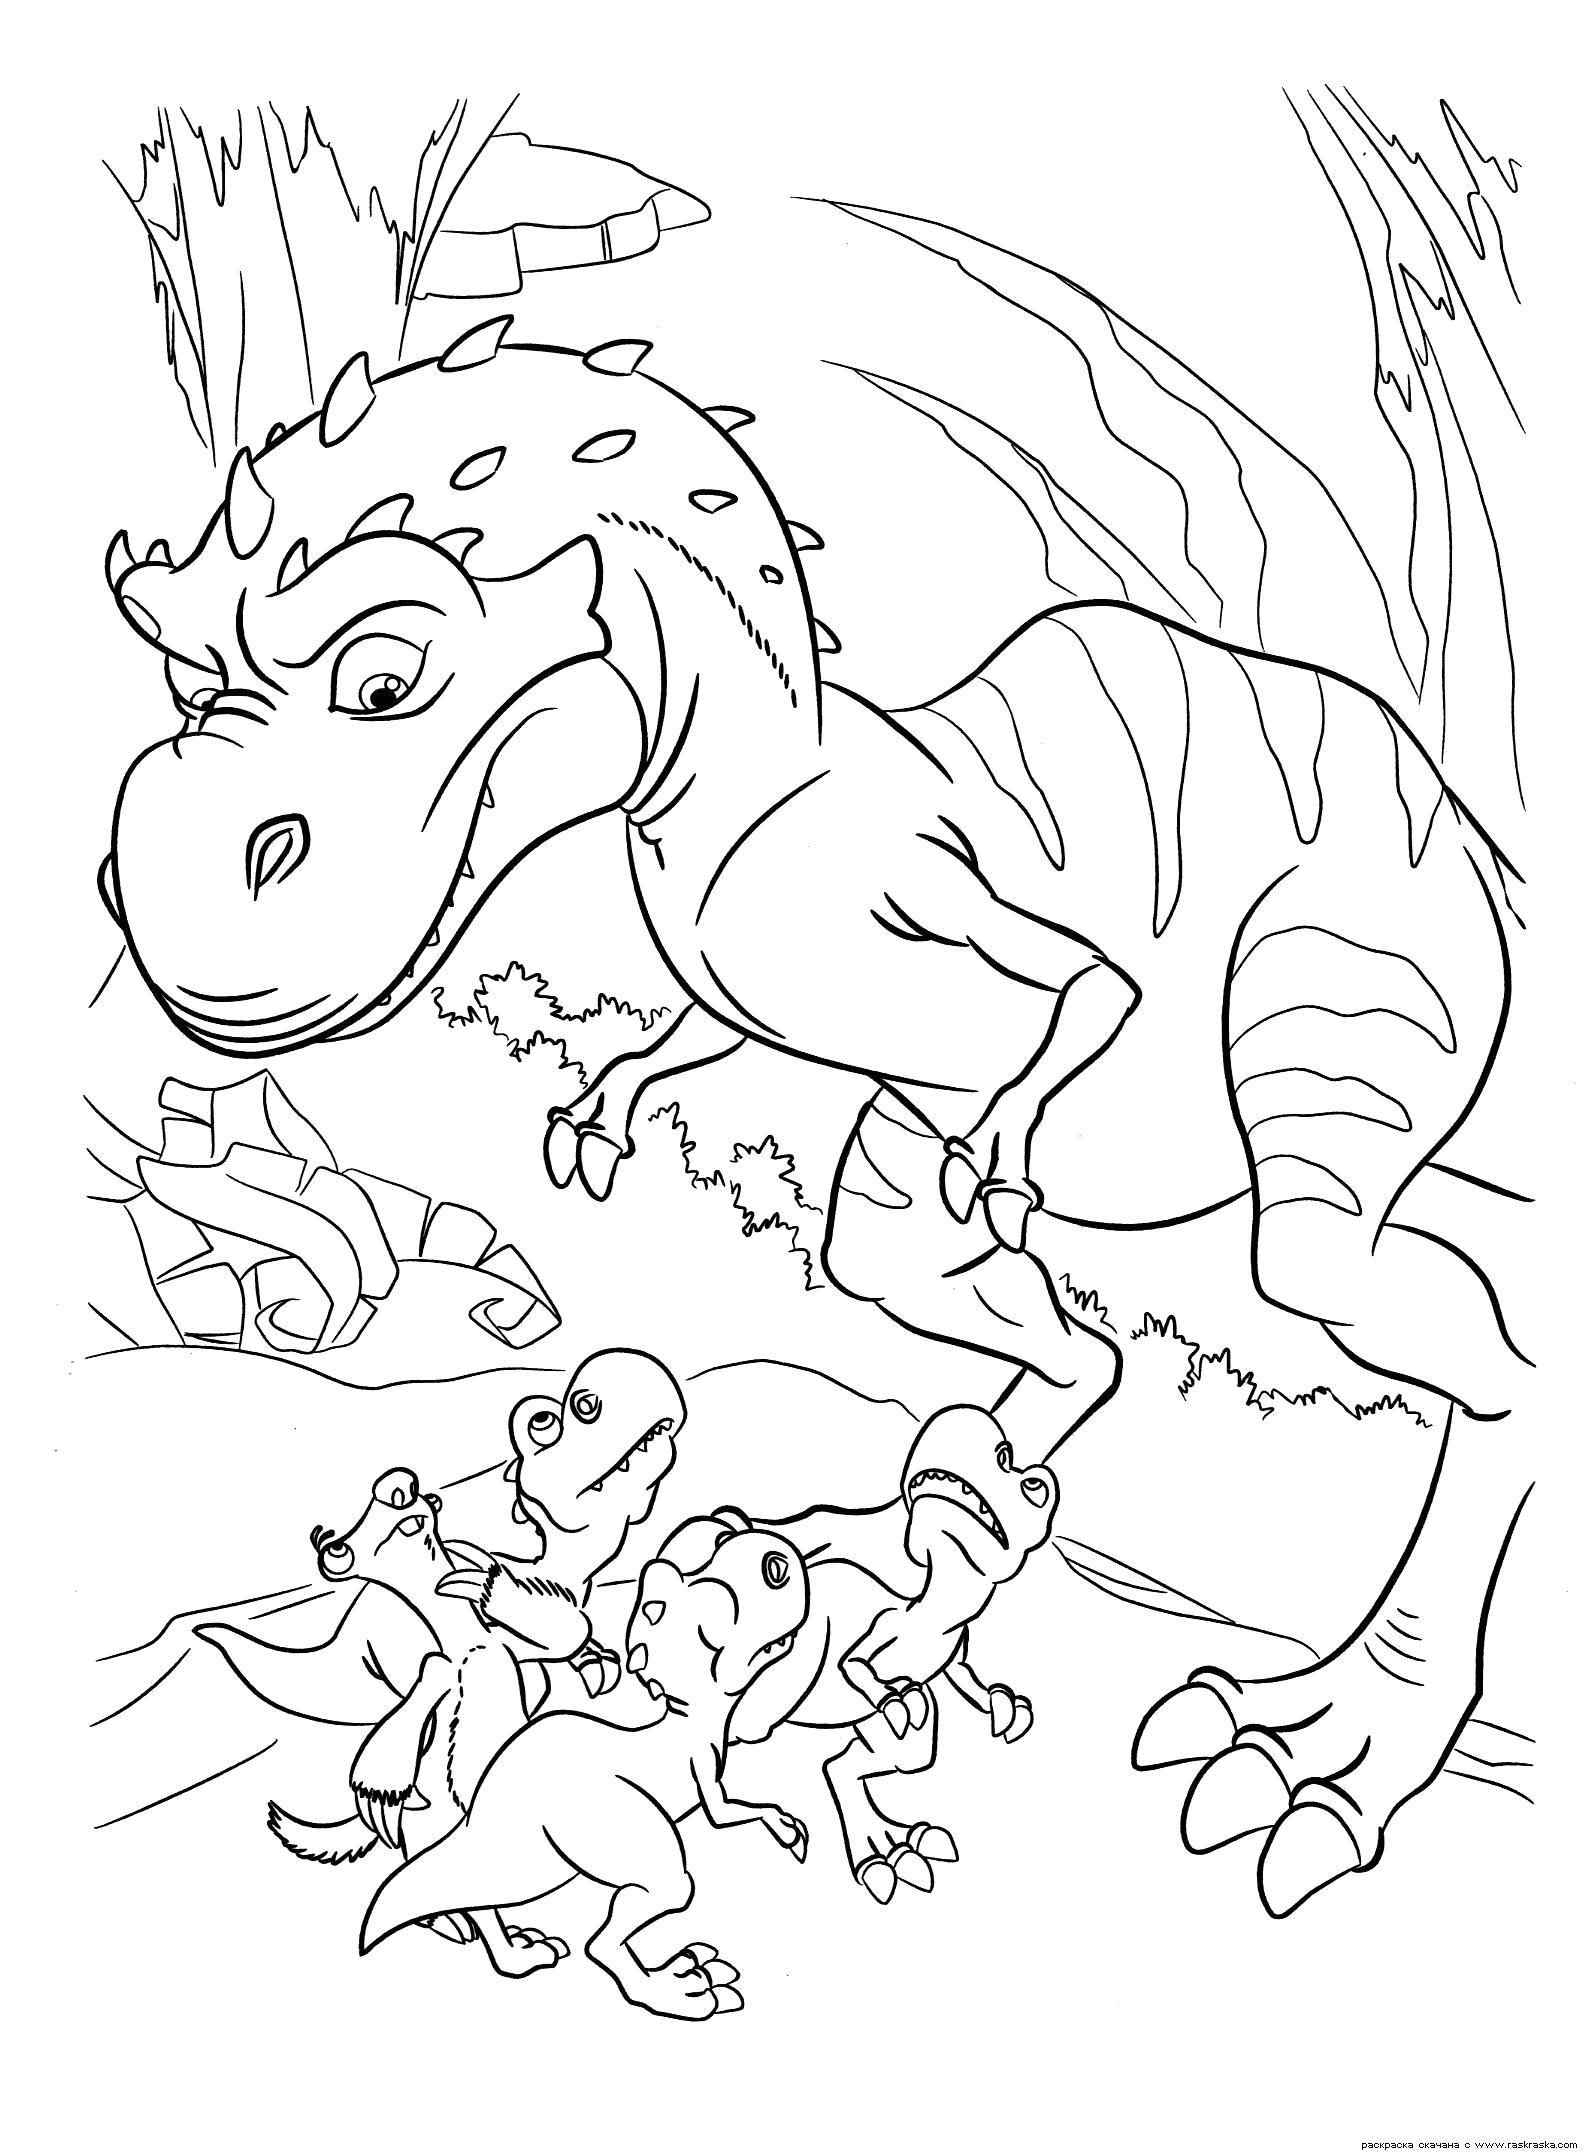 Название: Раскраска Раскраска Мама динозавр. Раскраска Динозаврики из мультика Эра Динозавров, Ледниковый период 3, Сид ленивец разукрашка для детей. Категория: динозавр. Теги: динозавр.